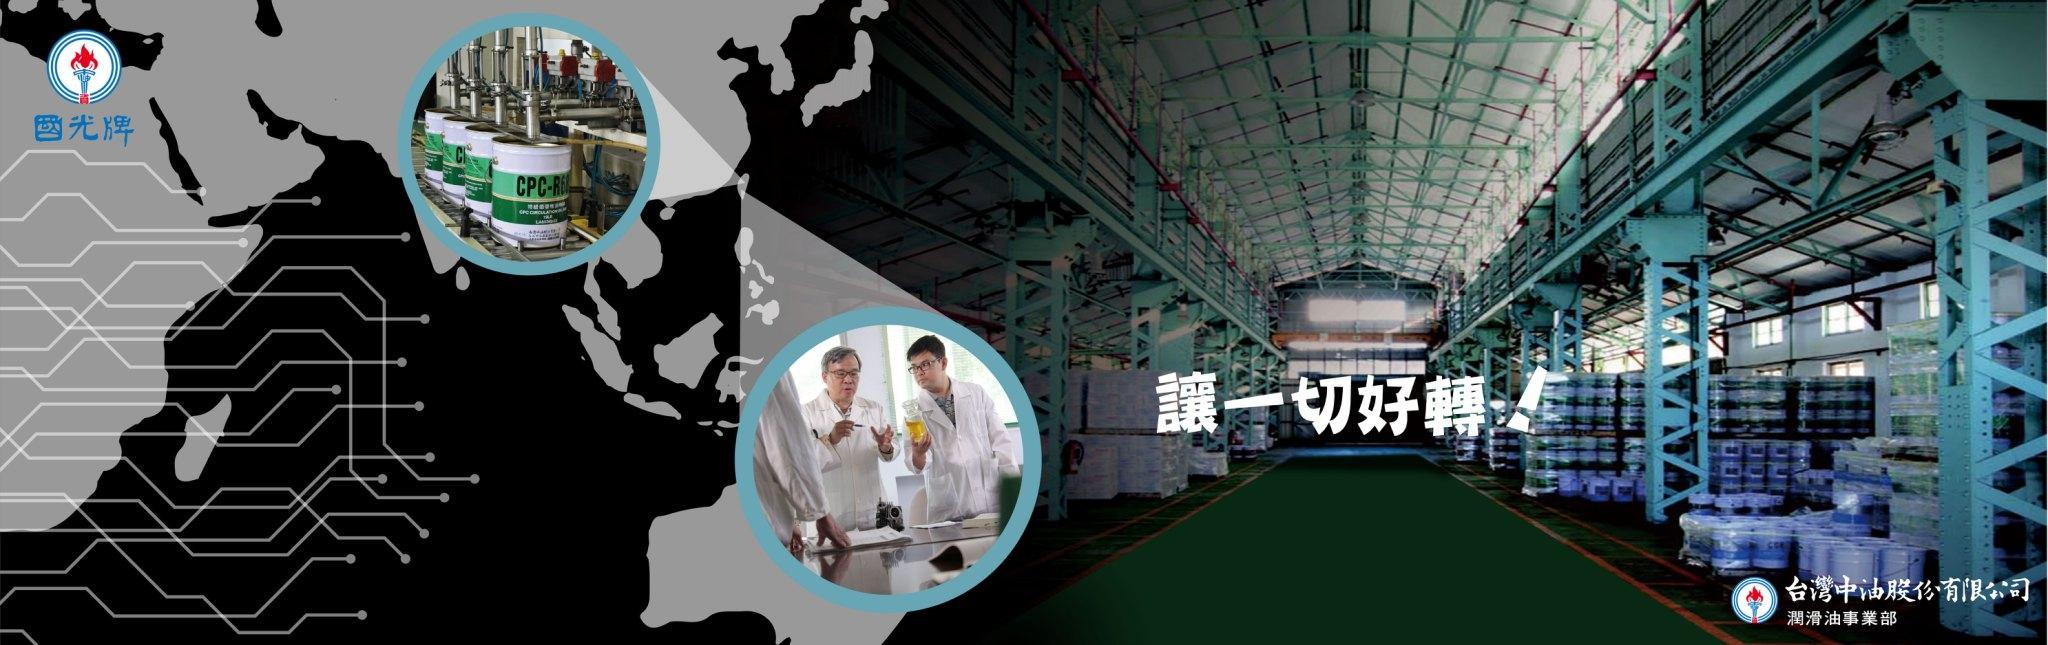 台灣中油股份有限公司潤滑油事業部